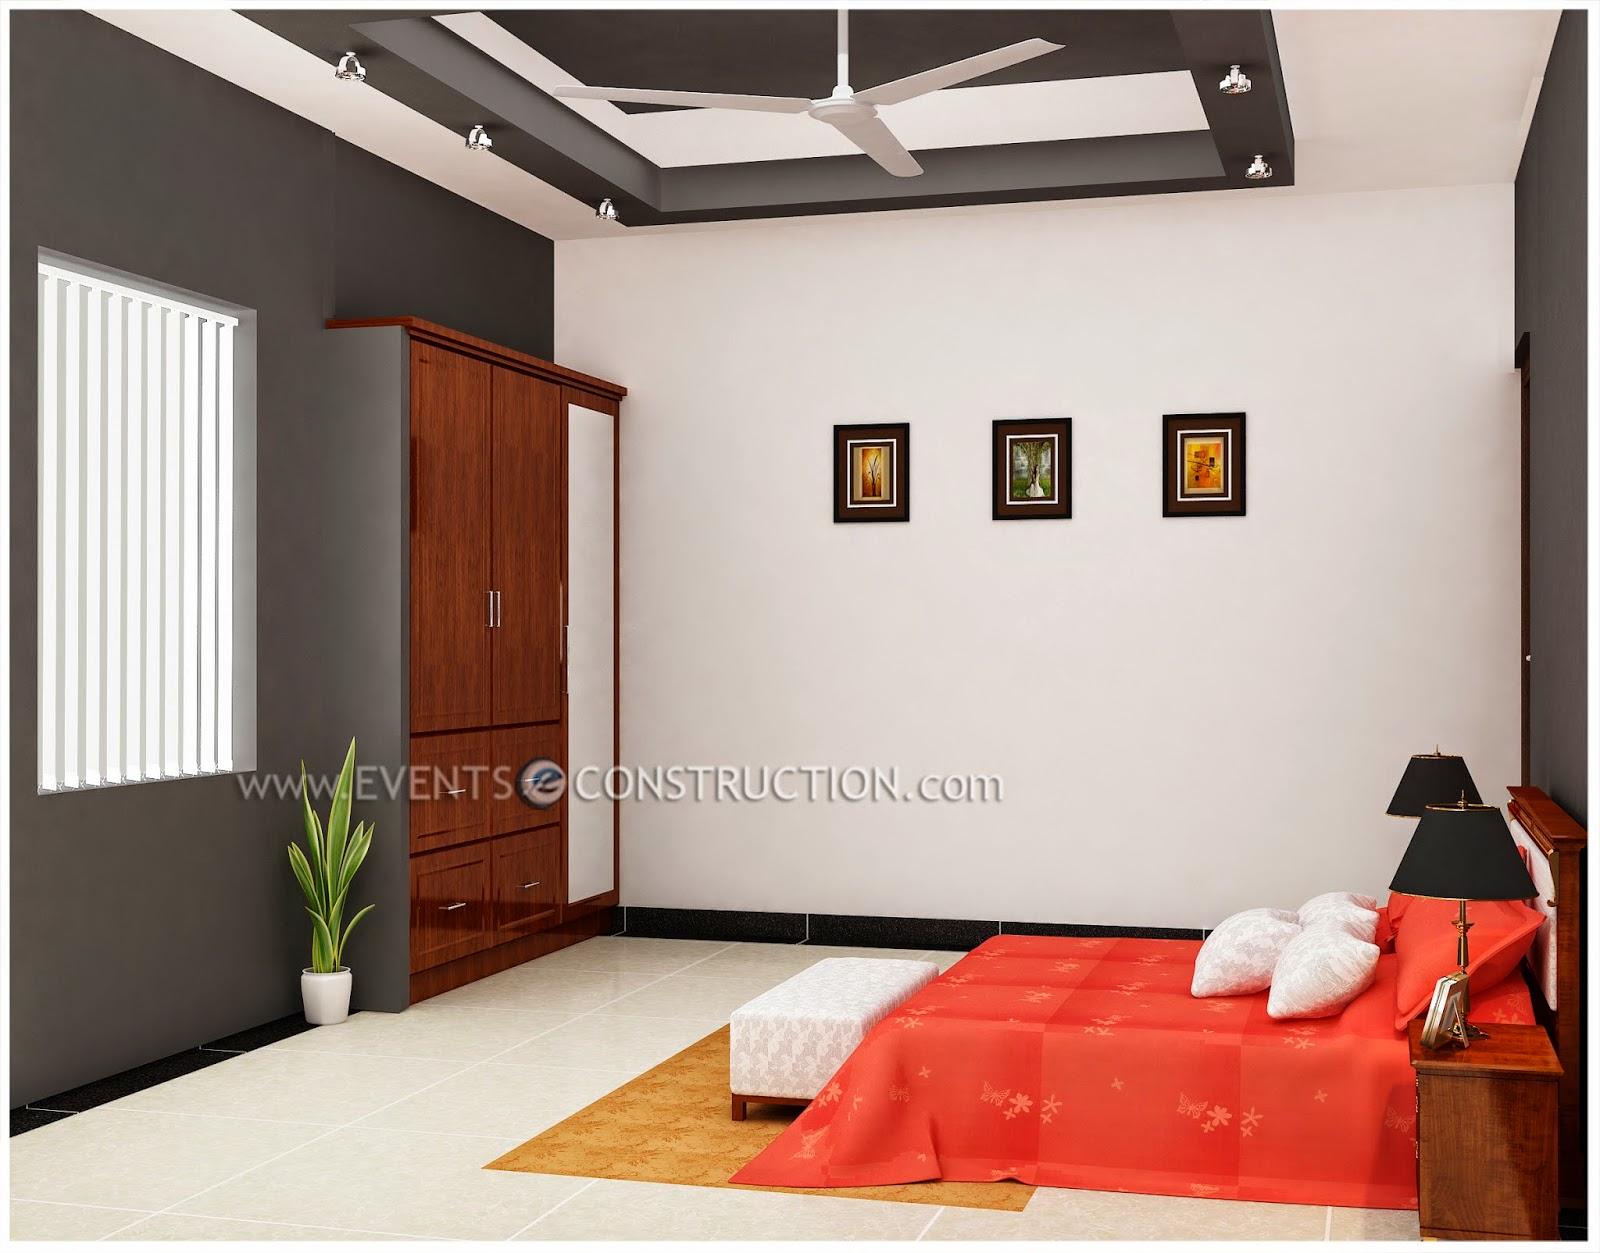 Evens construction pvt ltd recent bedroom interior designs for Villa interior designers ltd nairobi kenya